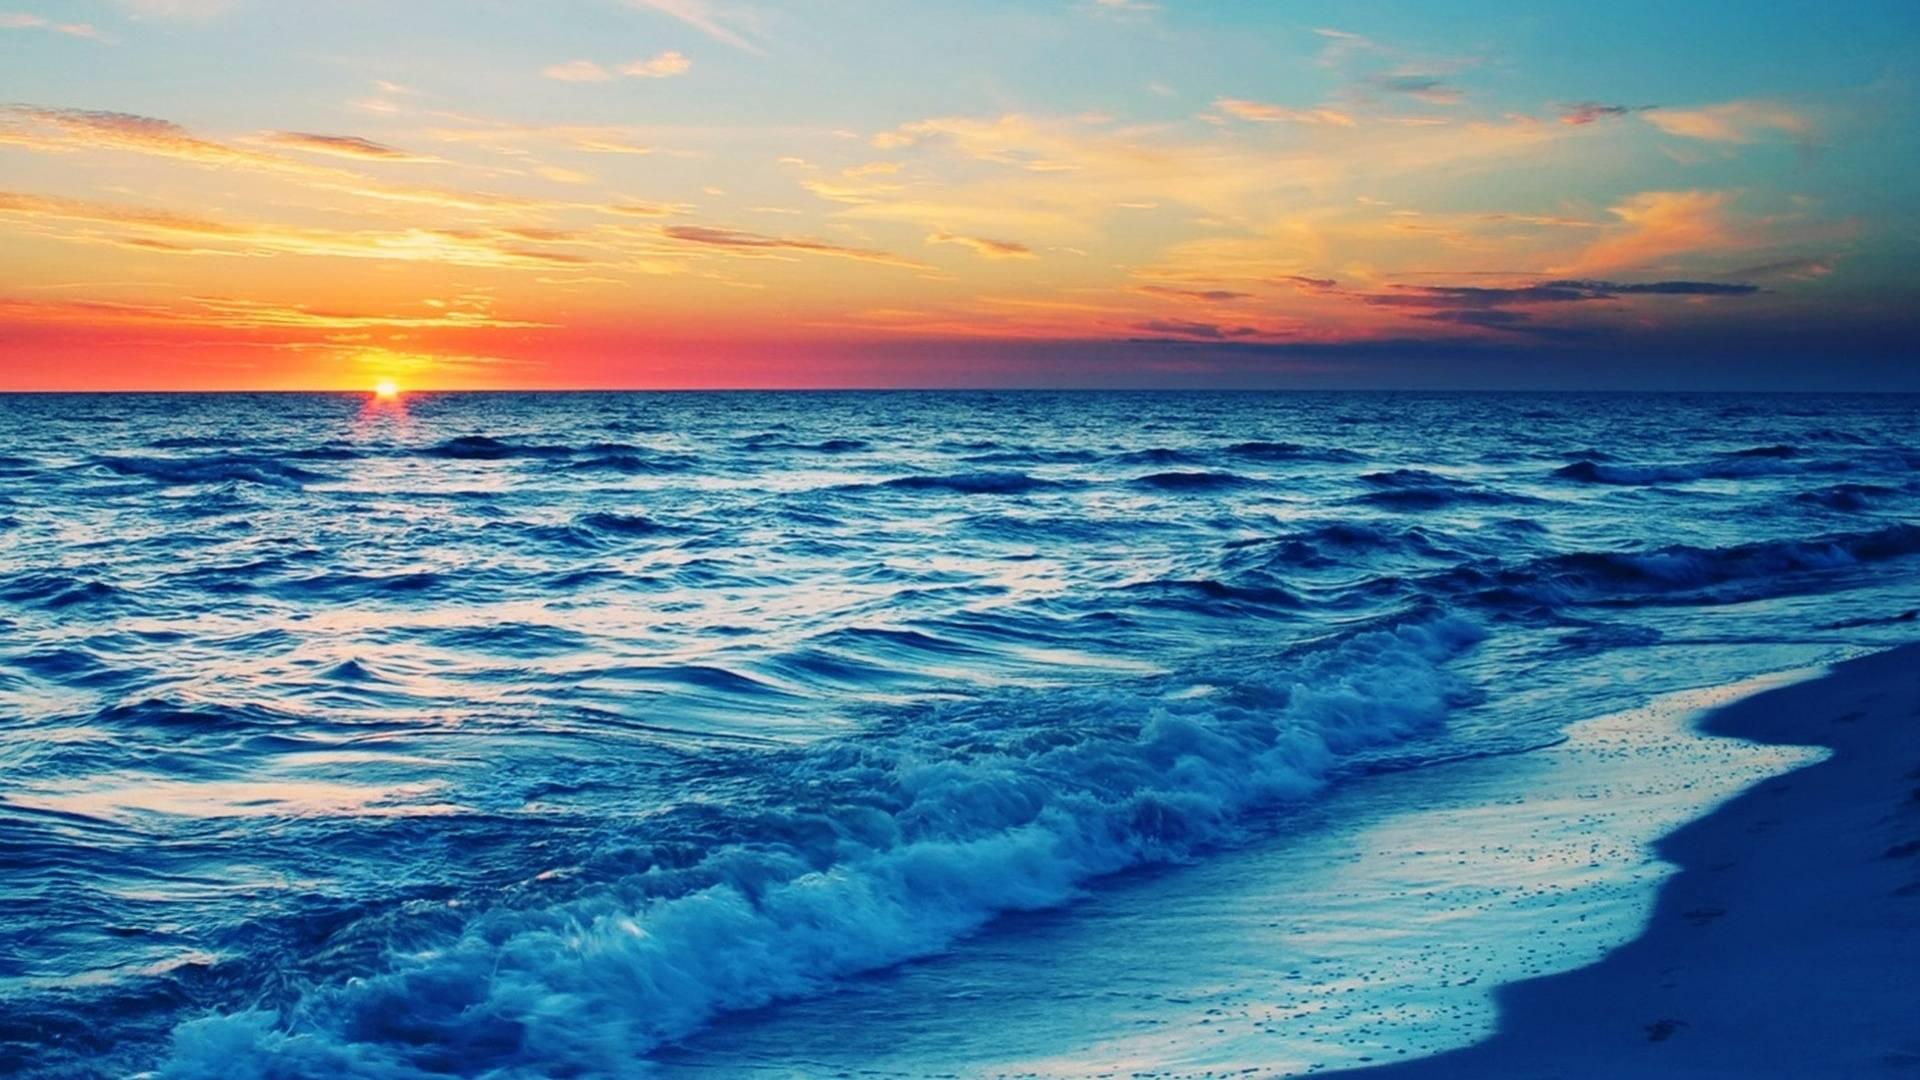 【惠州】4、5月平日无加收,29.9元抢融创海湾半岛180°海景房,这里不限行,享私家沙滩+免费WiFi~